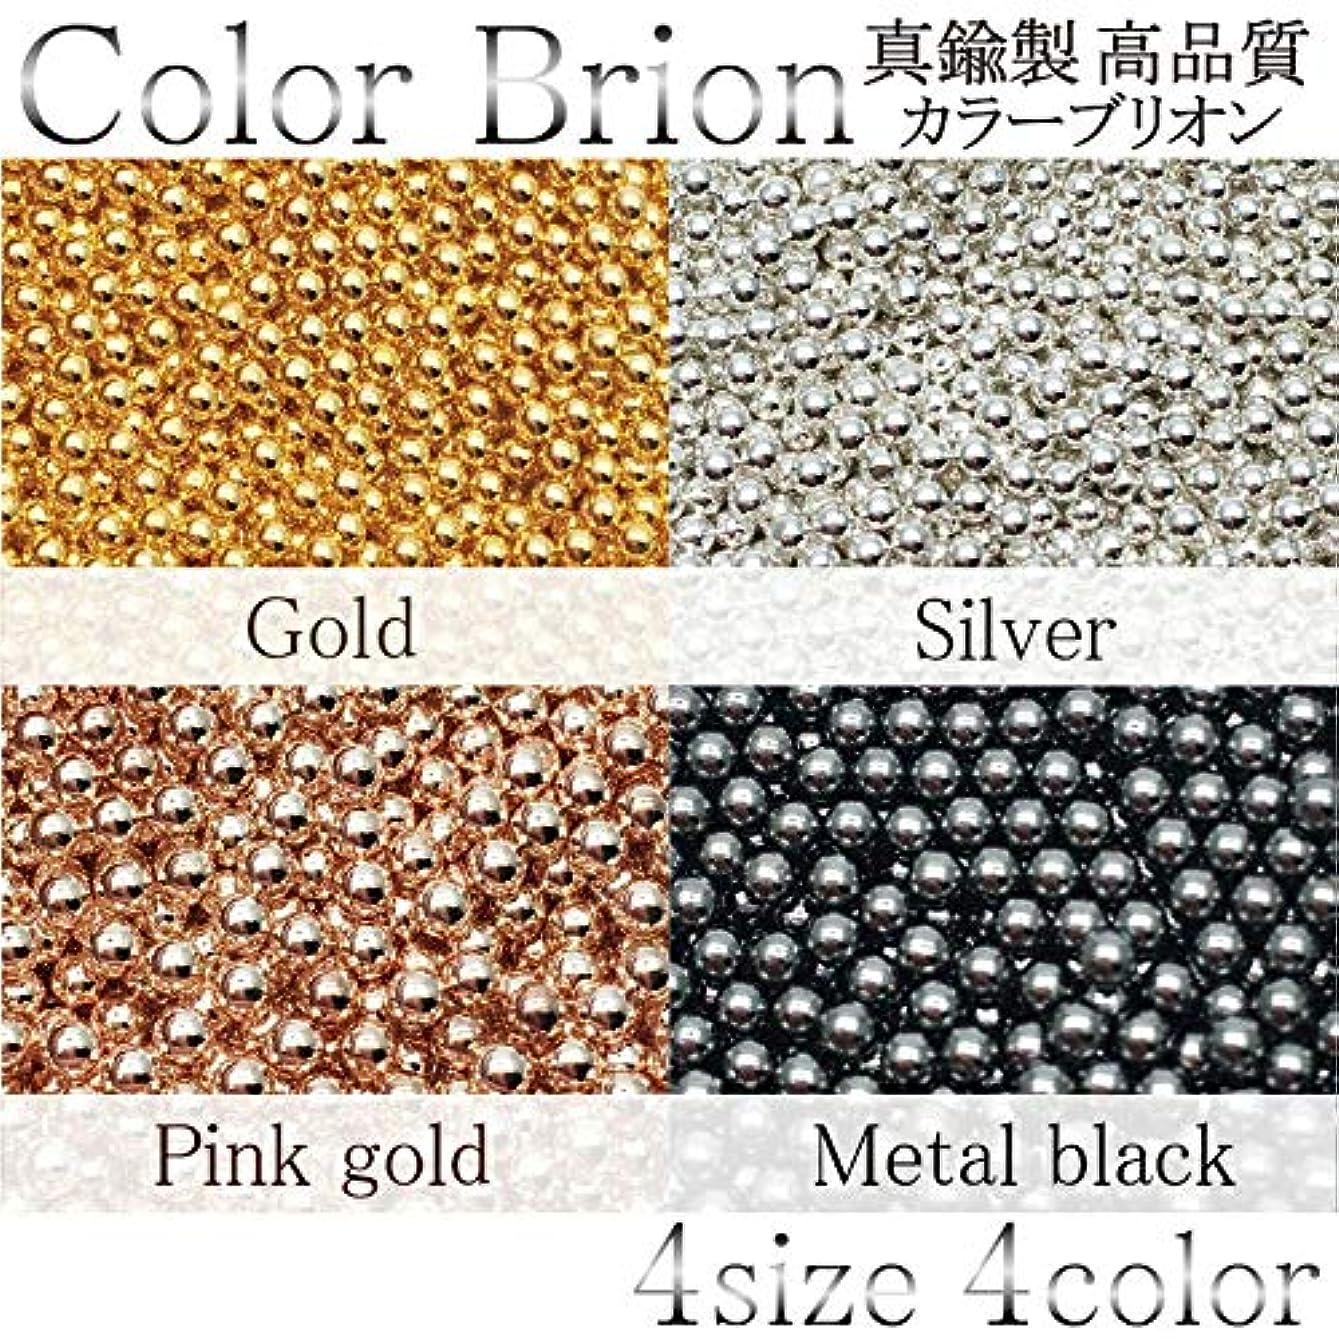 同意ネットうなり声真鍮製 高品質 カラーブリオン 各種 4色 (約2mm(約5g), 1.ゴールド)